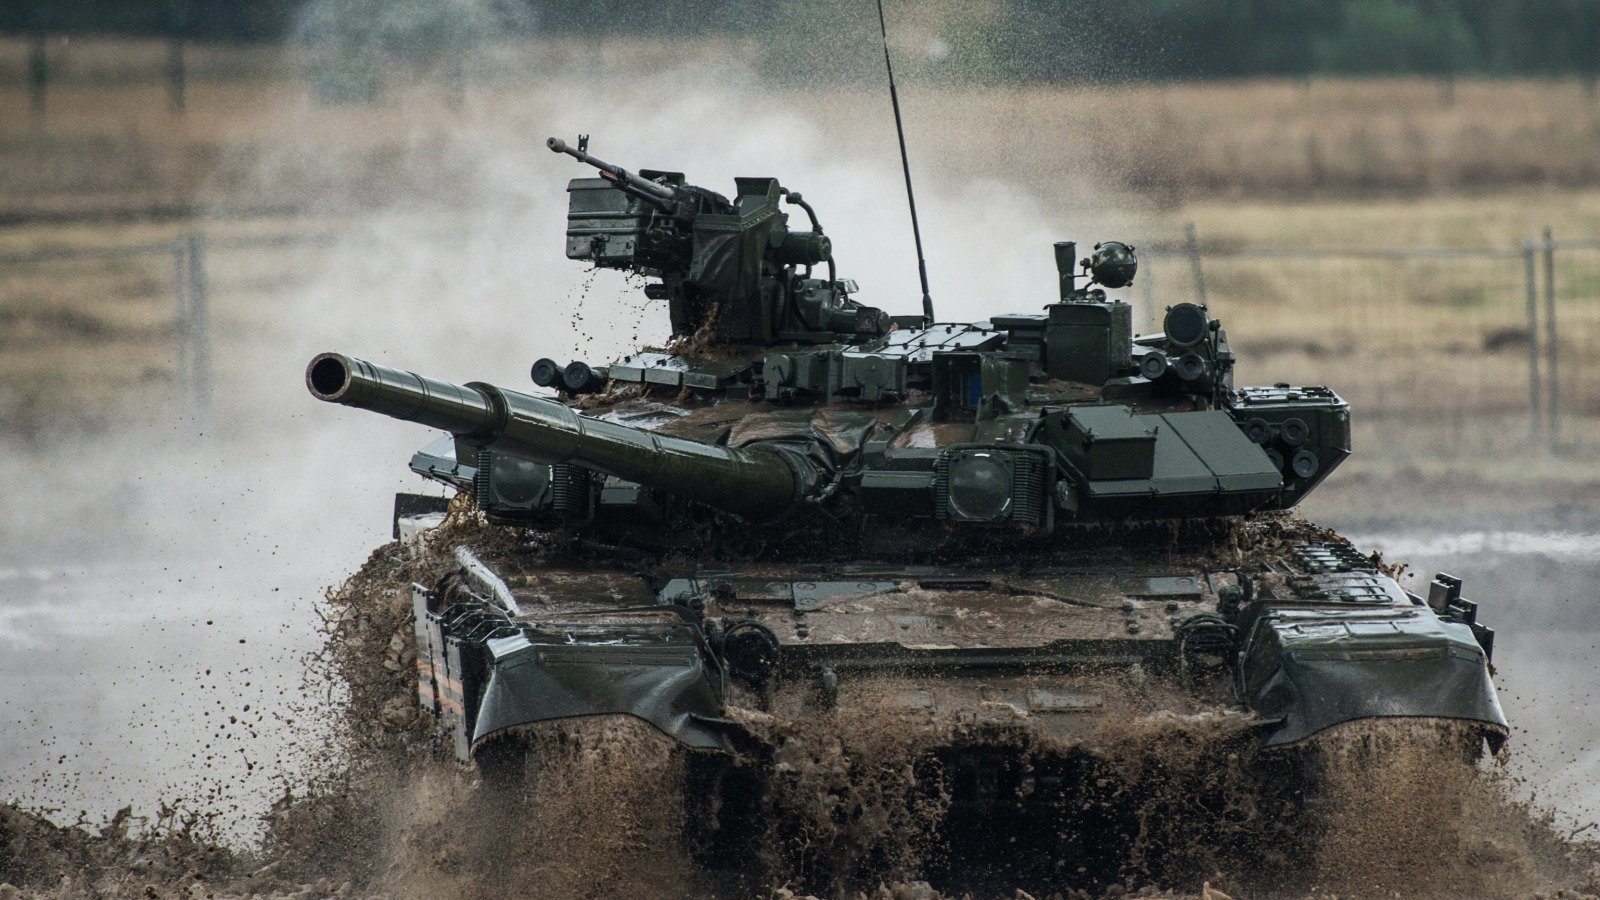 Появились видео и фото танков, которые Россия стянула к границам Украины